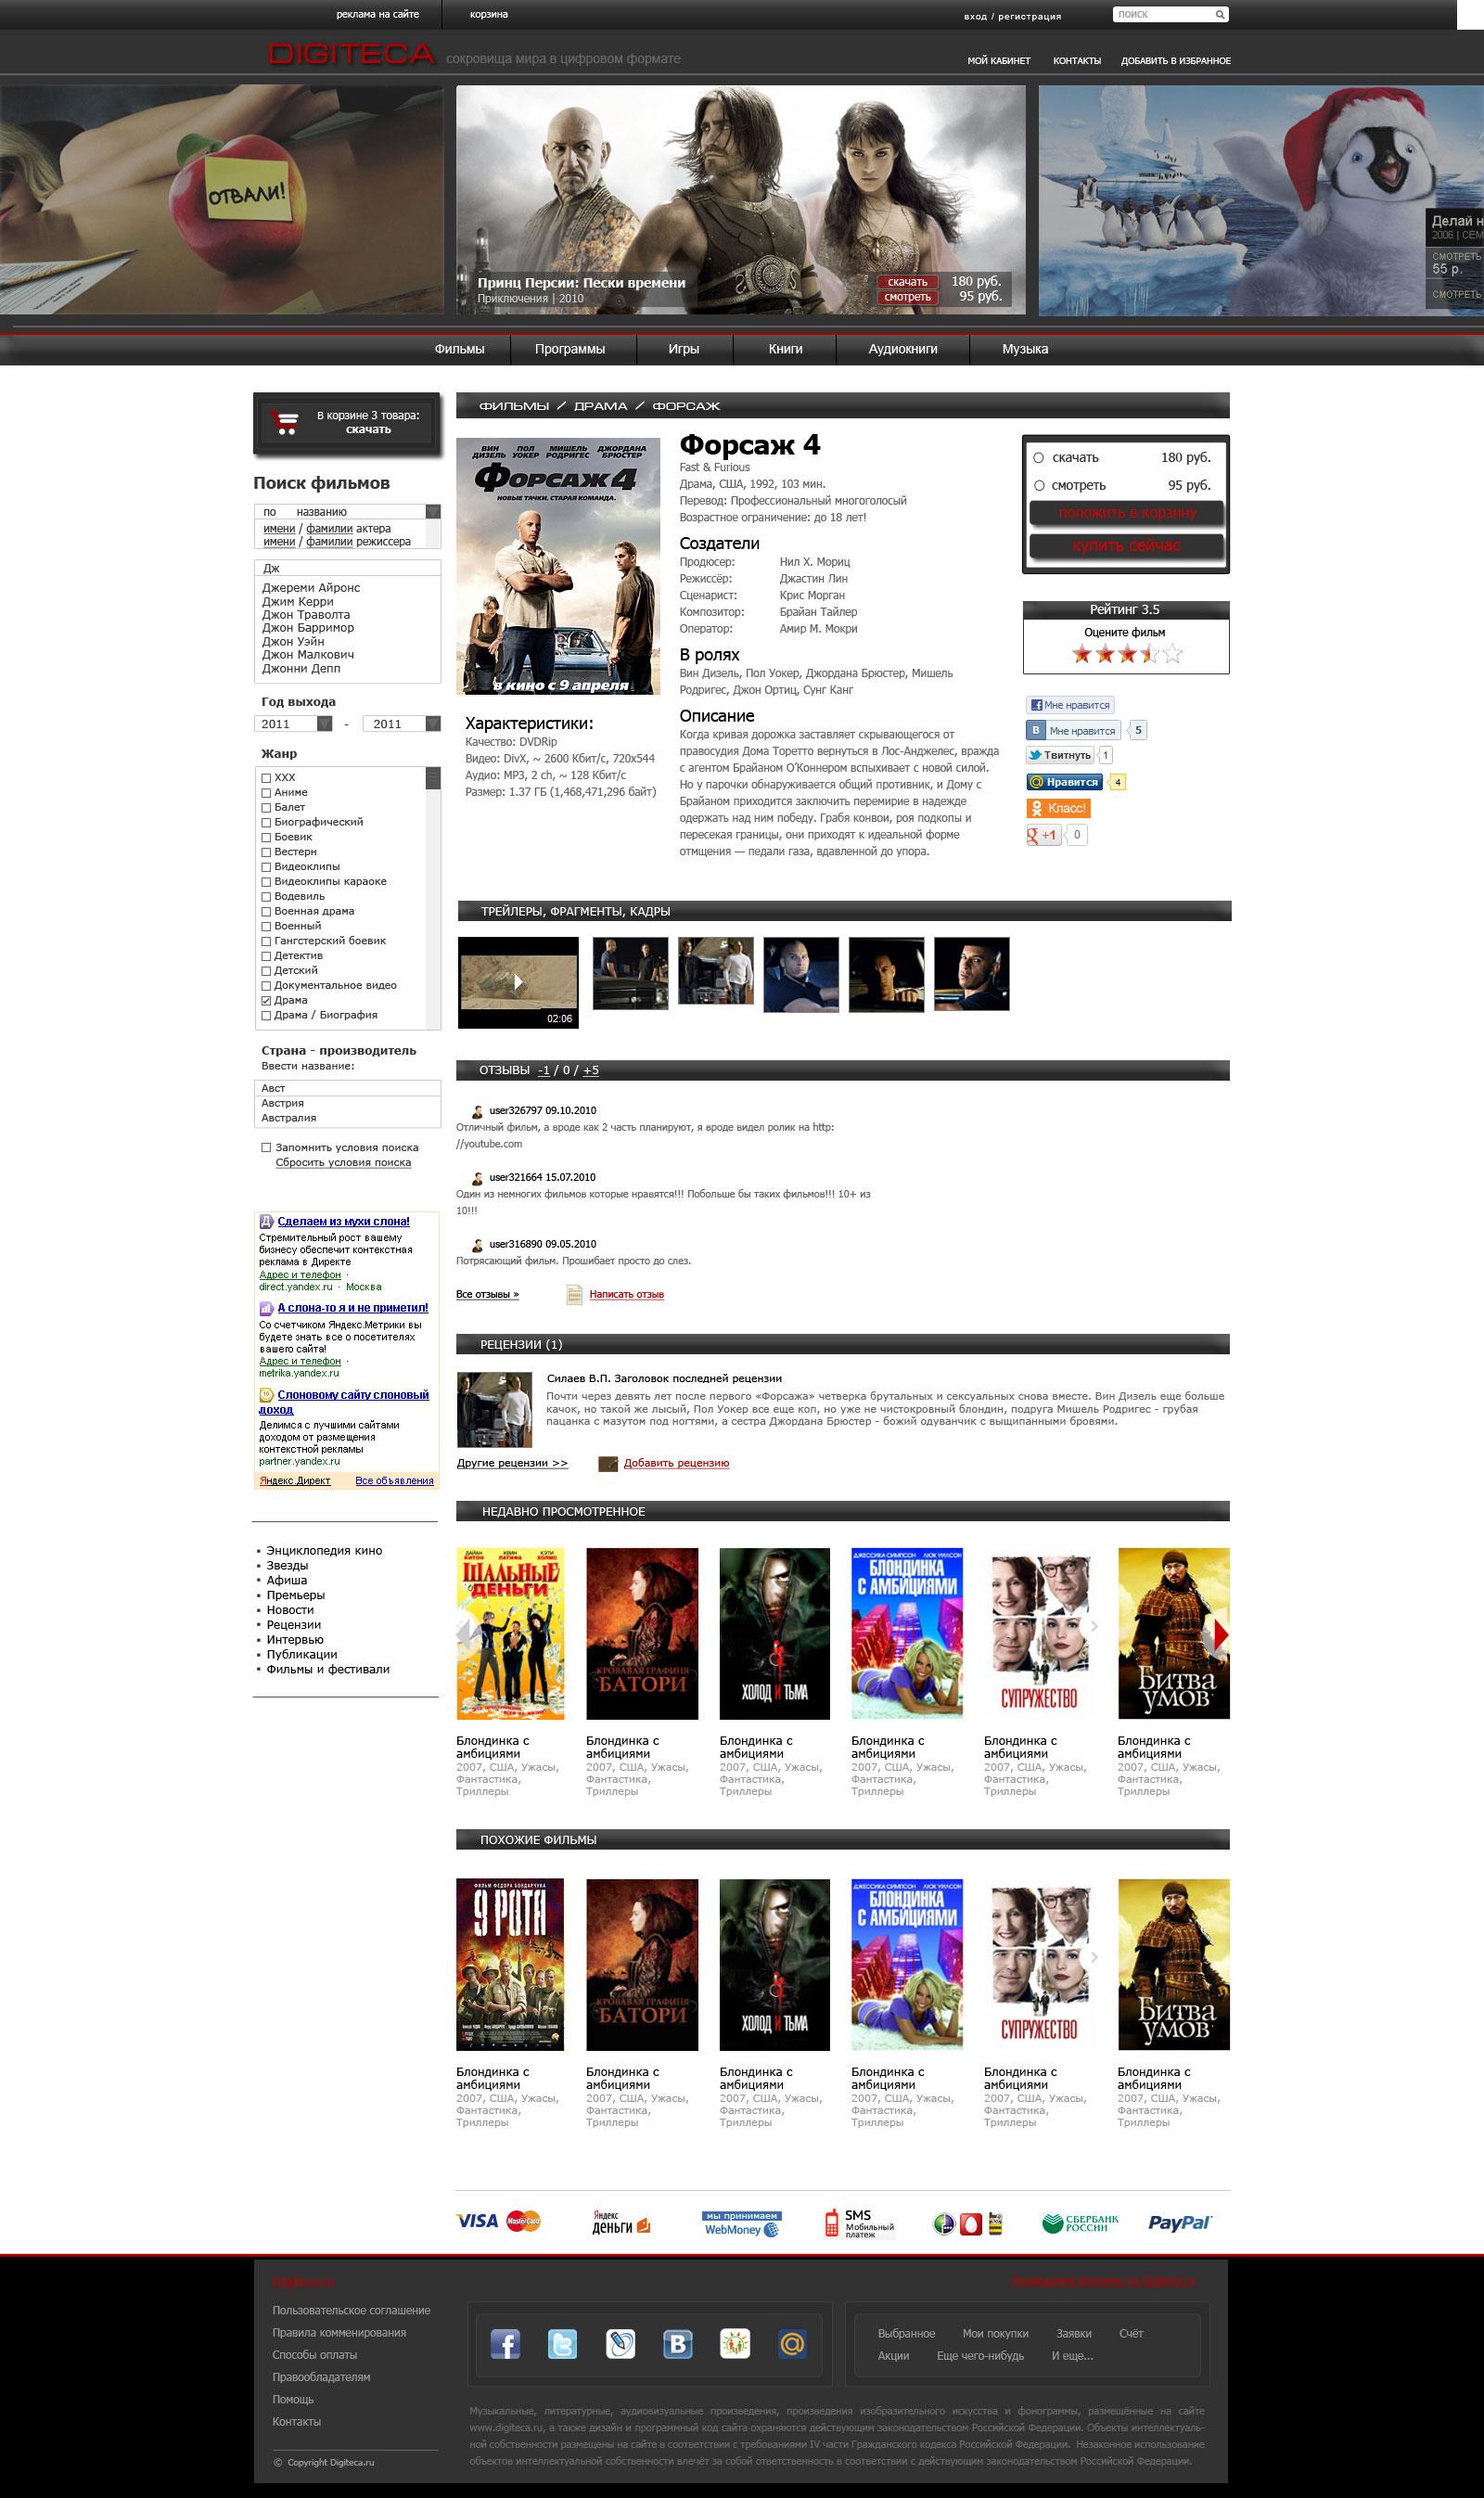 Медиа-портал Digiteca